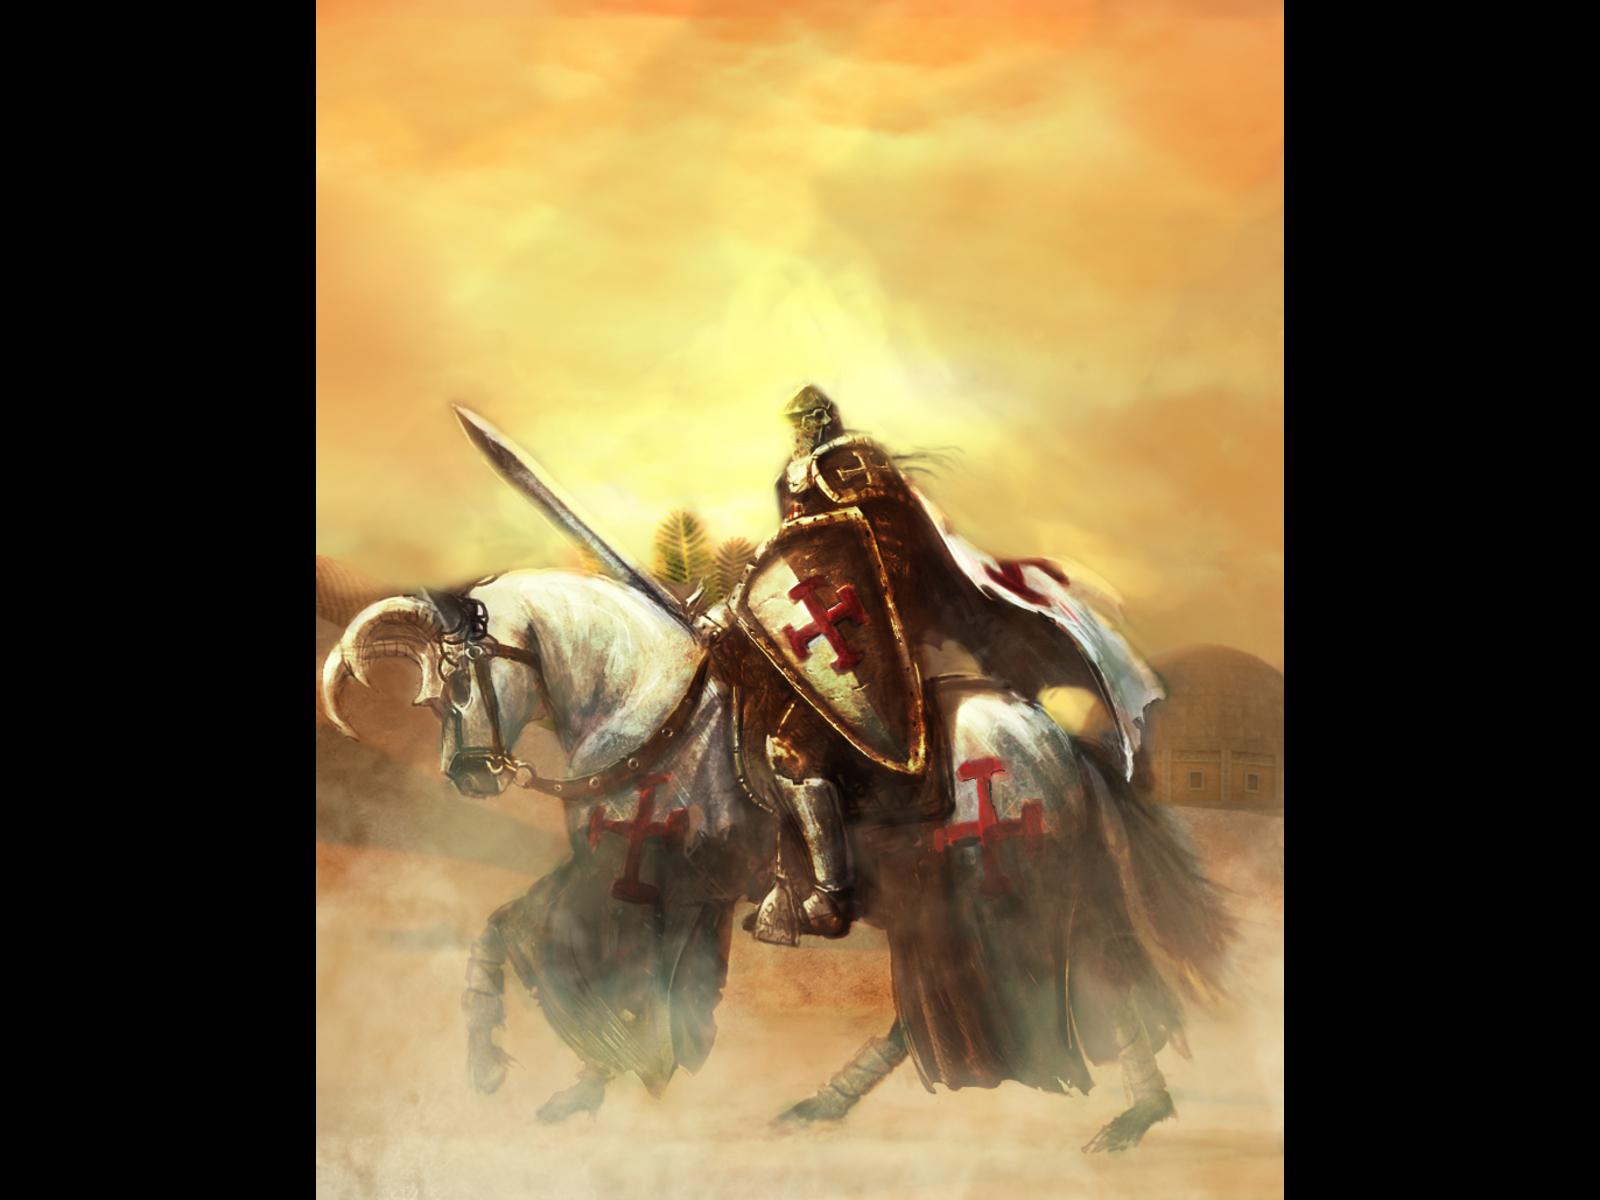 Templar Knights Wallpaper Templar Knight Art Wallpaper 1600x1200